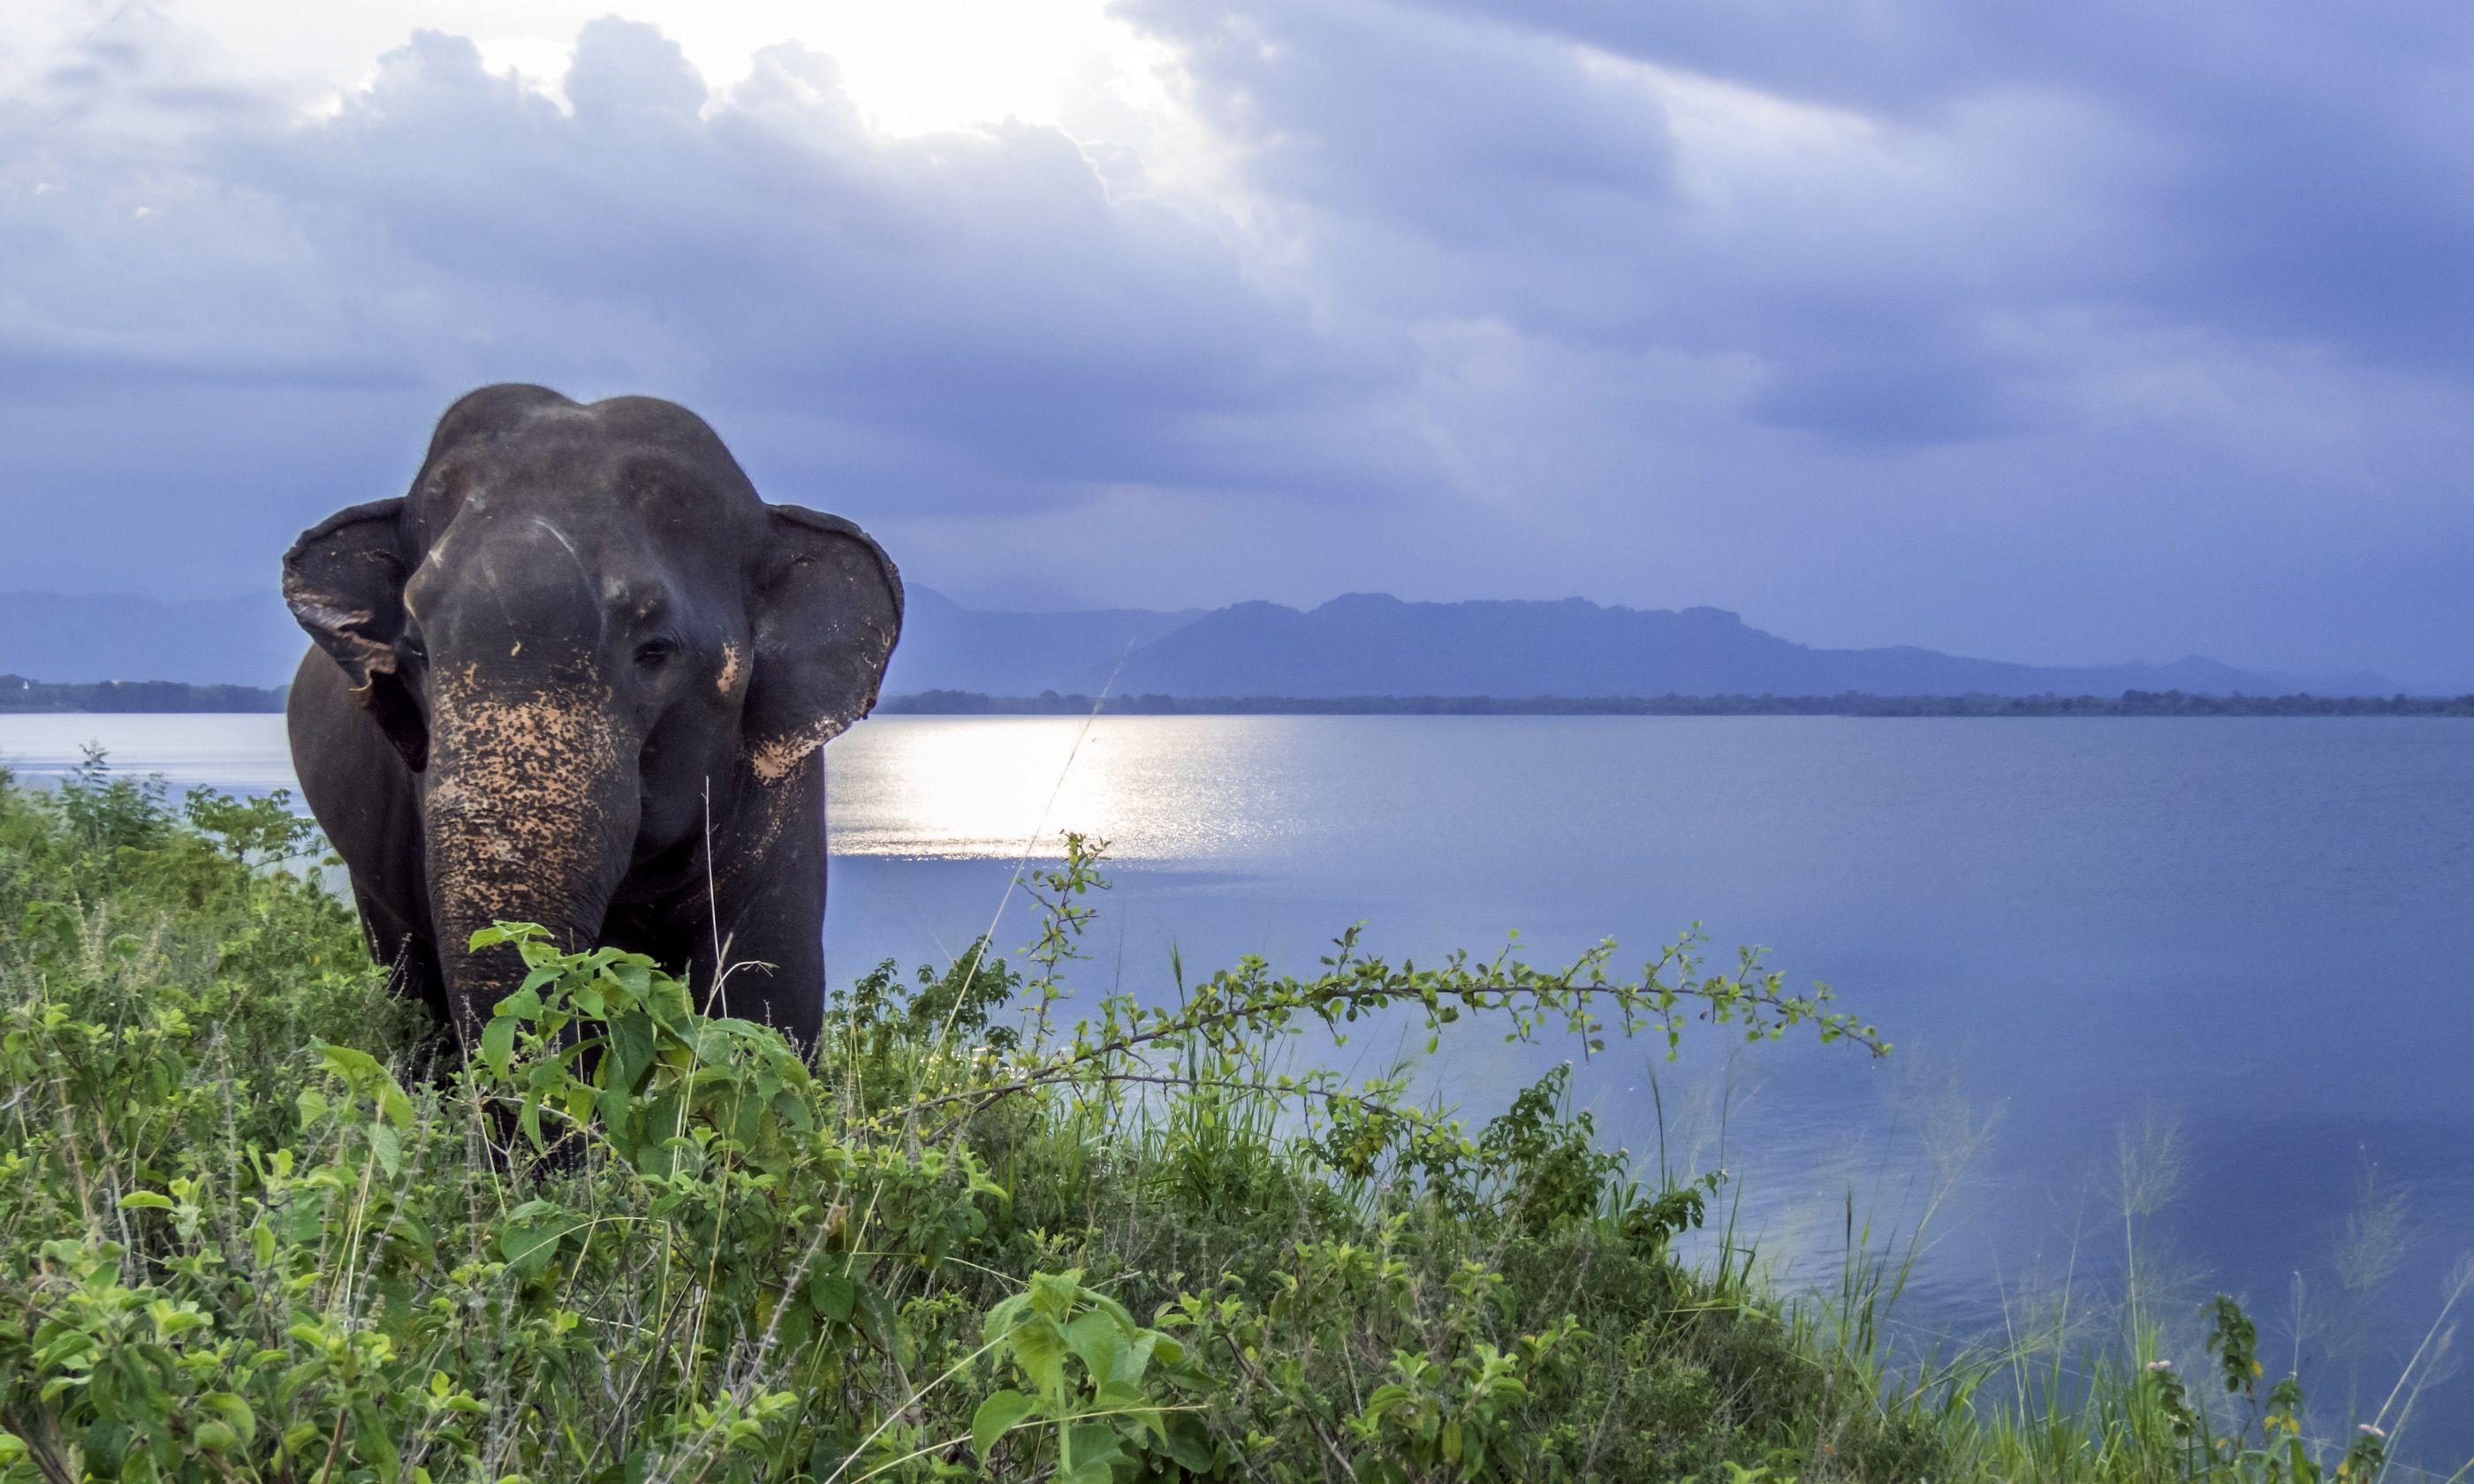 Wild elephant at Udawalewa lake (Dreamstime)